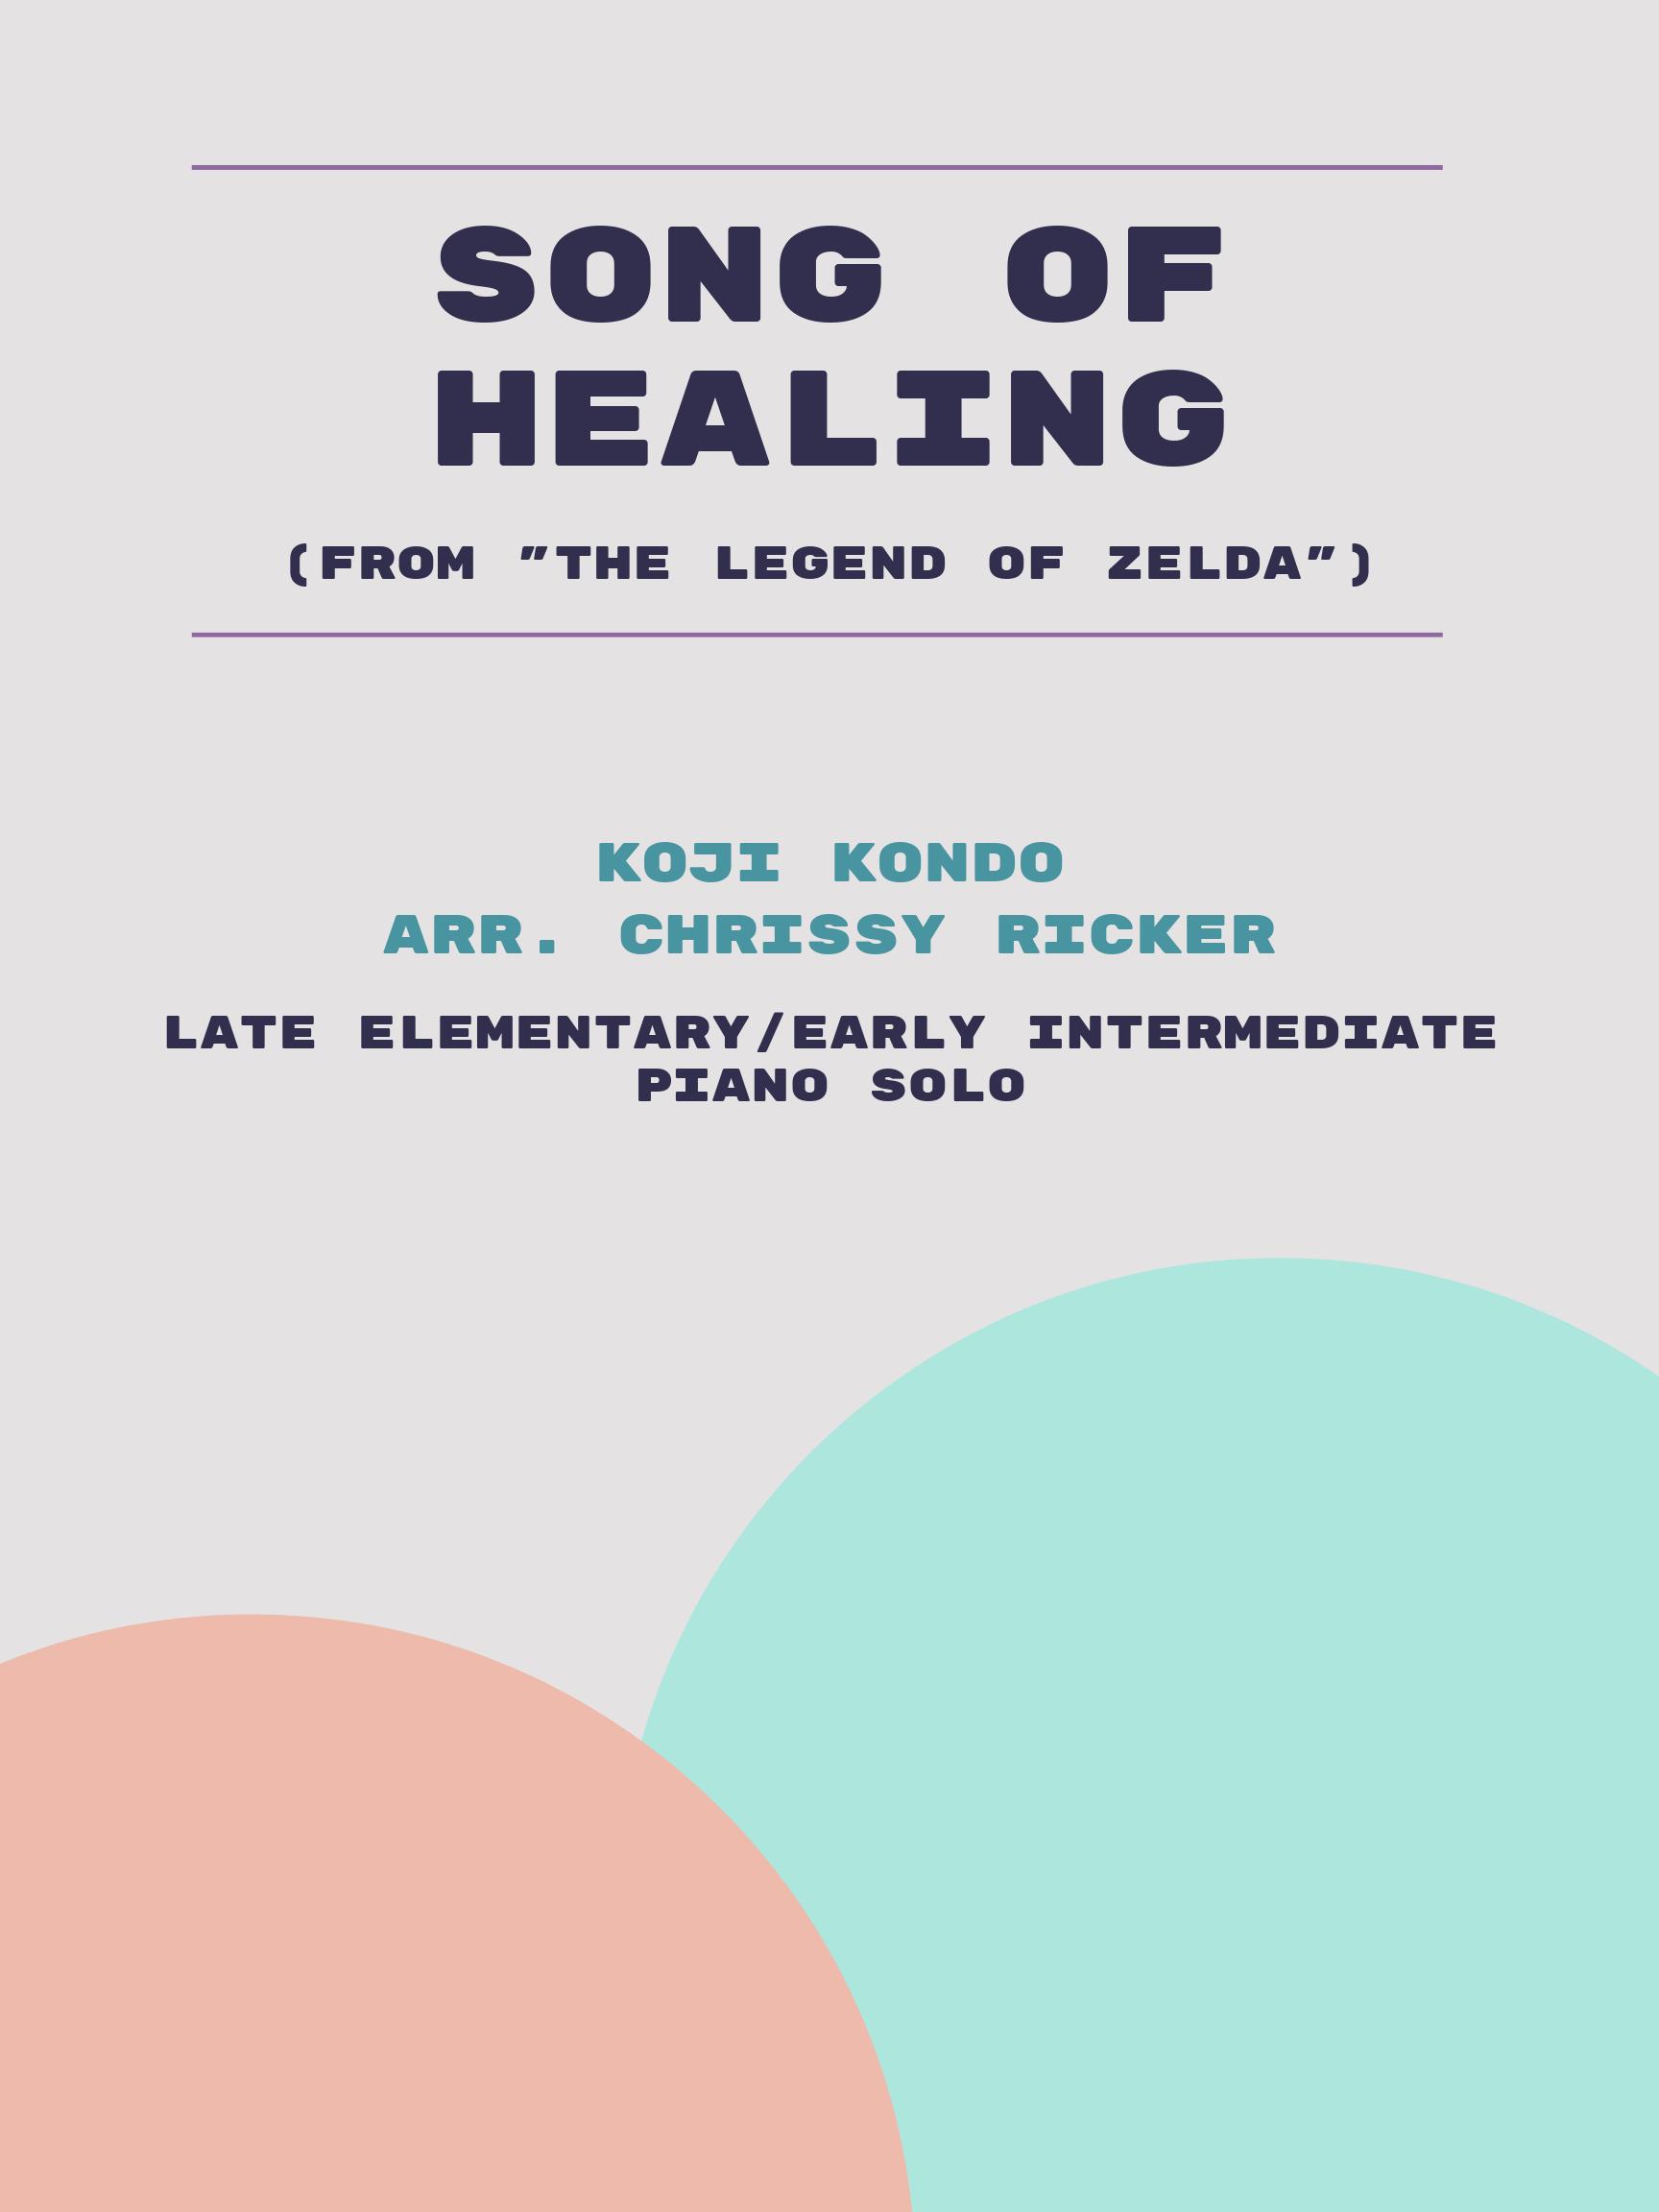 Song of Healing by Koji Kondo